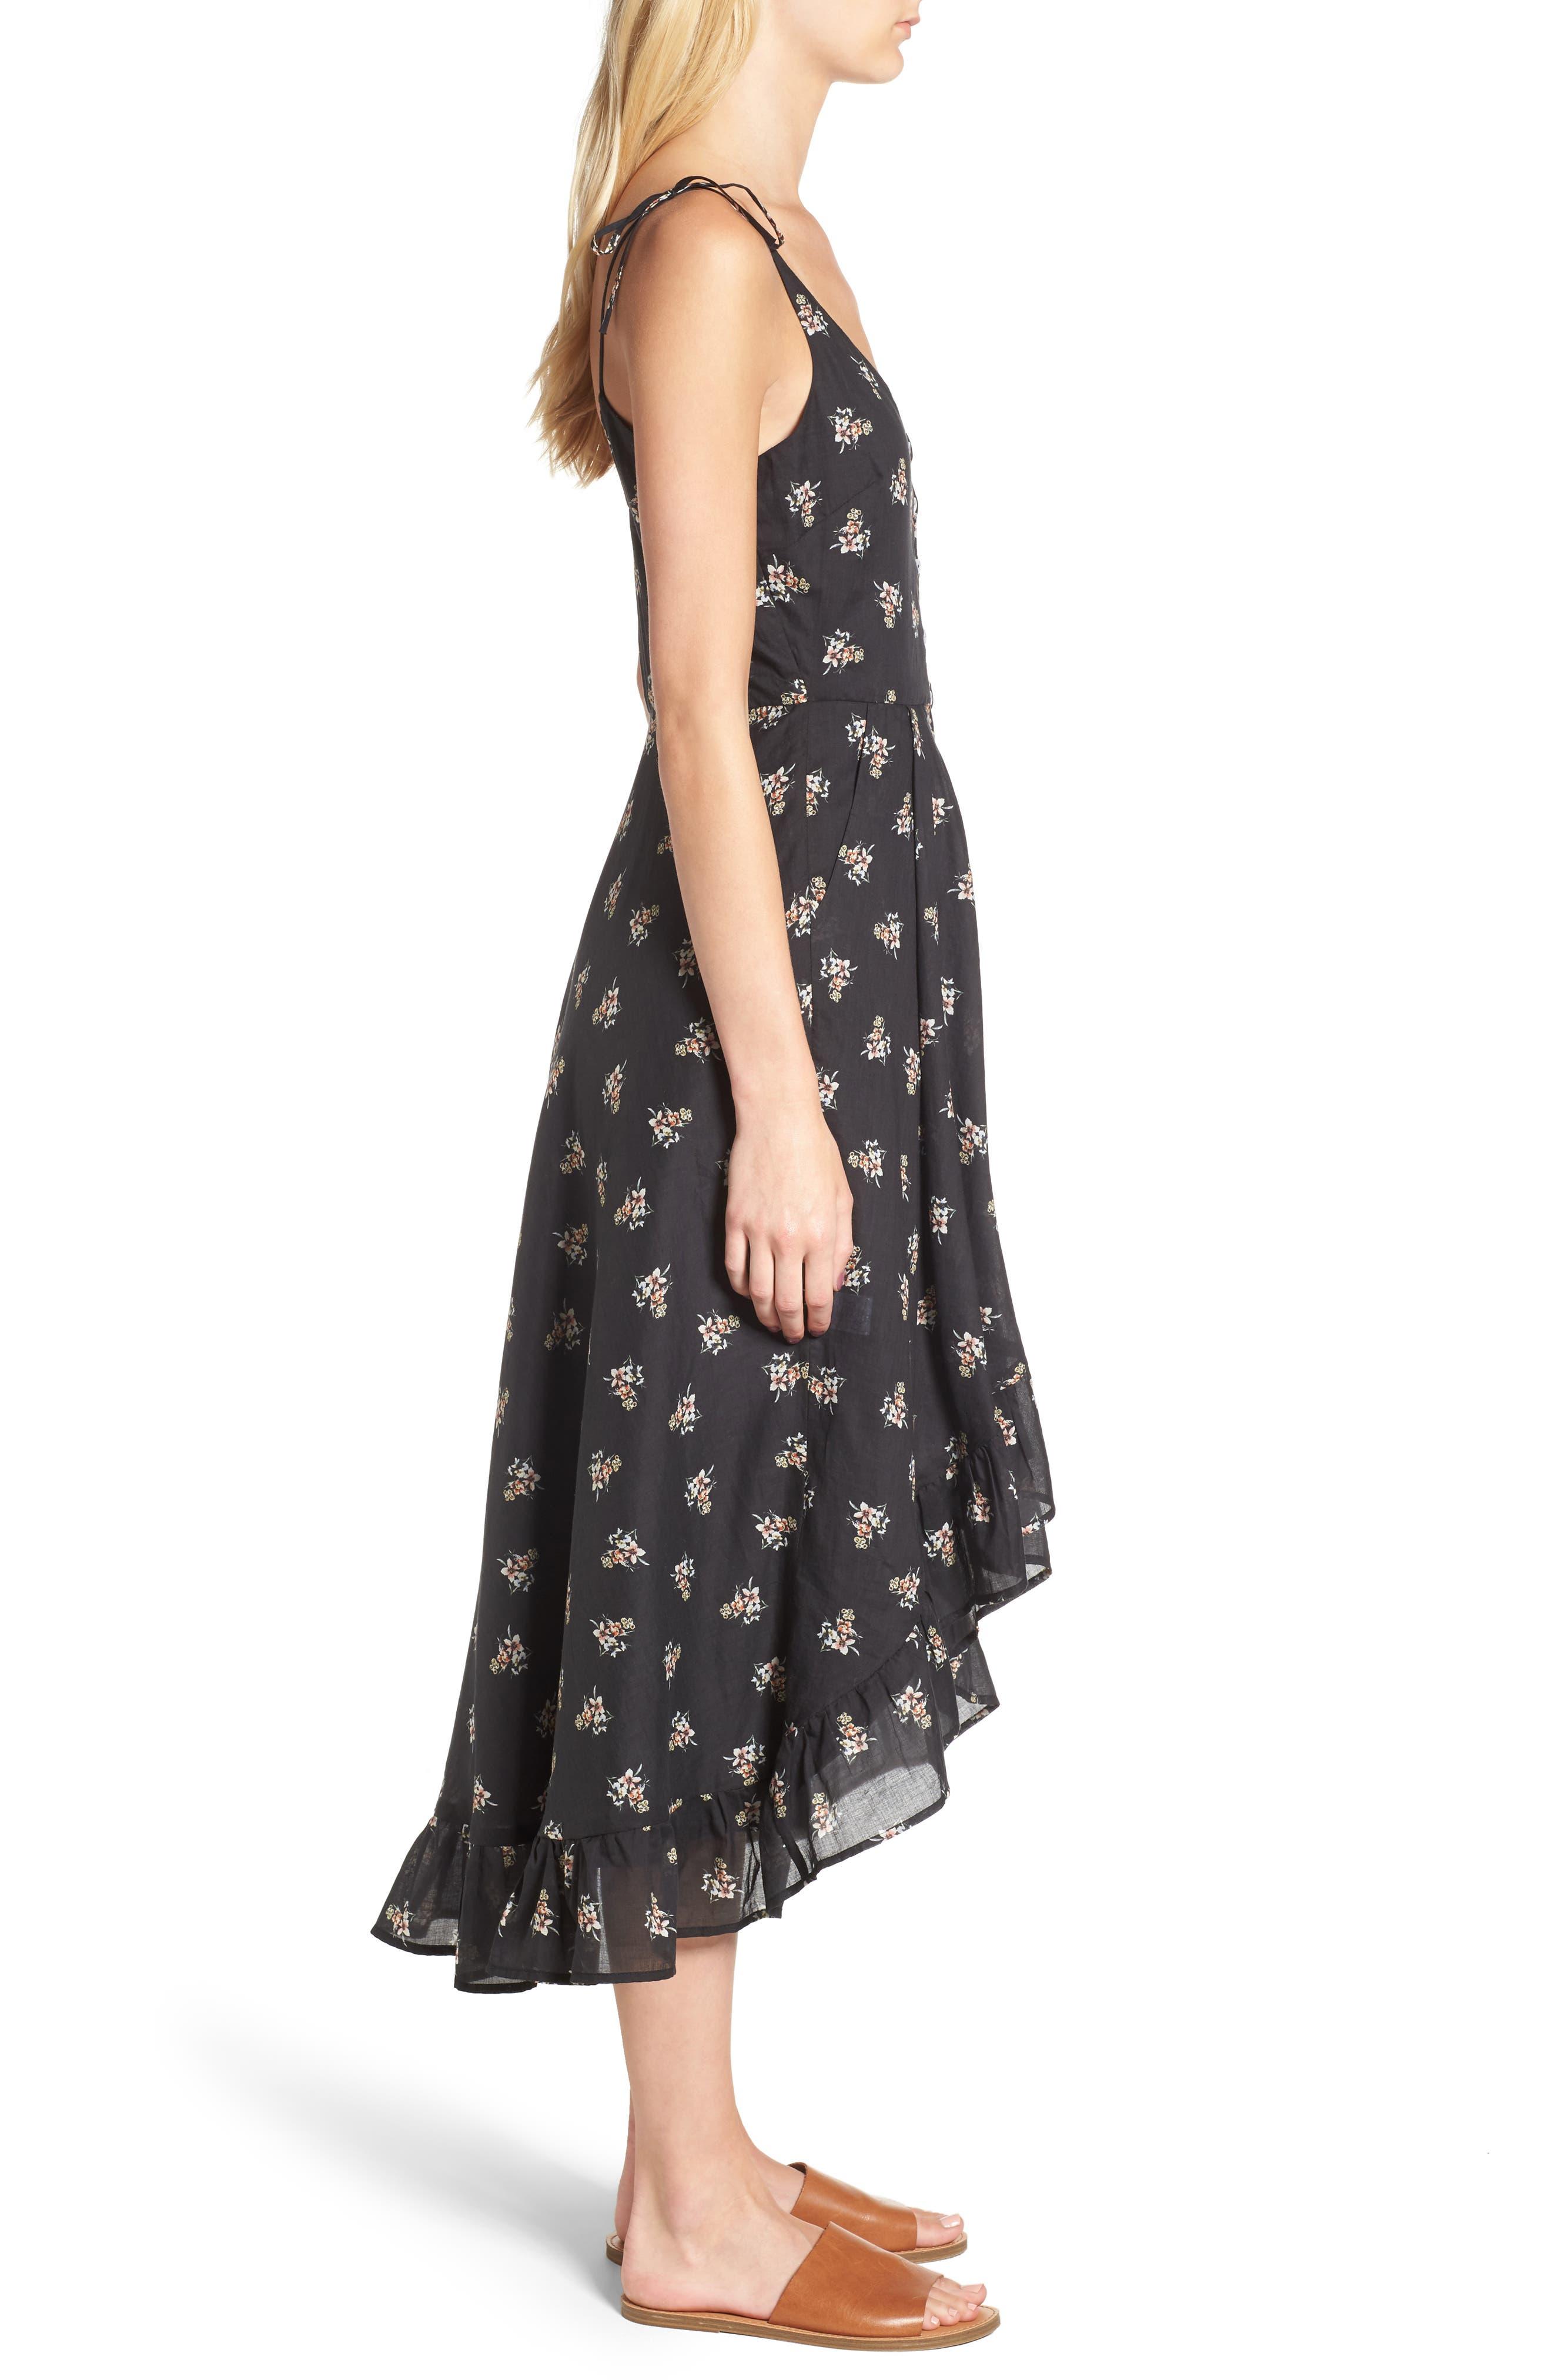 Regal Midi Dress,                             Alternate thumbnail 3, color,                             001